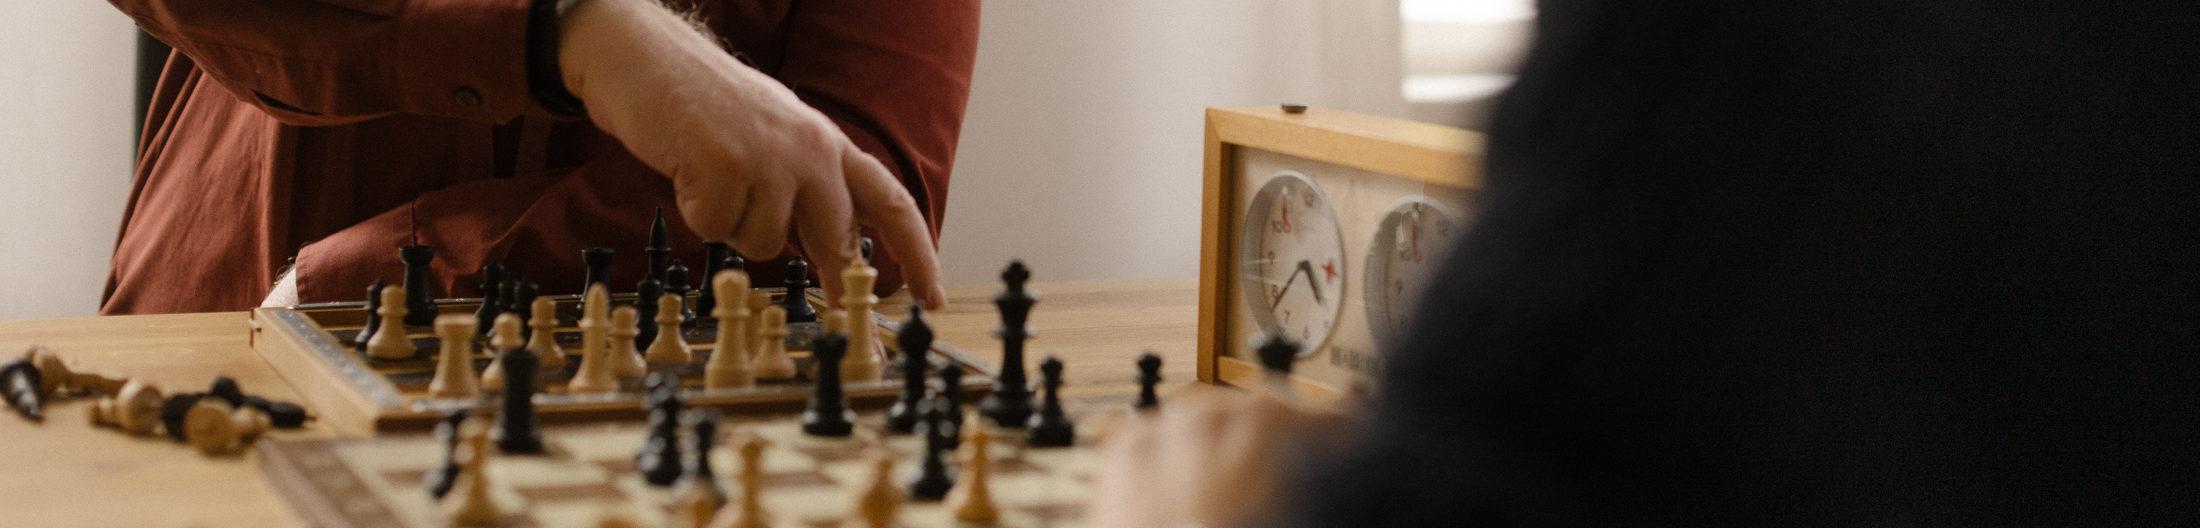 Zwei Personen spielen Schach. Von den Personen sieht man lediglich kleine Ausschnitte. Vor allem das Schachspiel nimmt einen Großteil des Bildes ein.